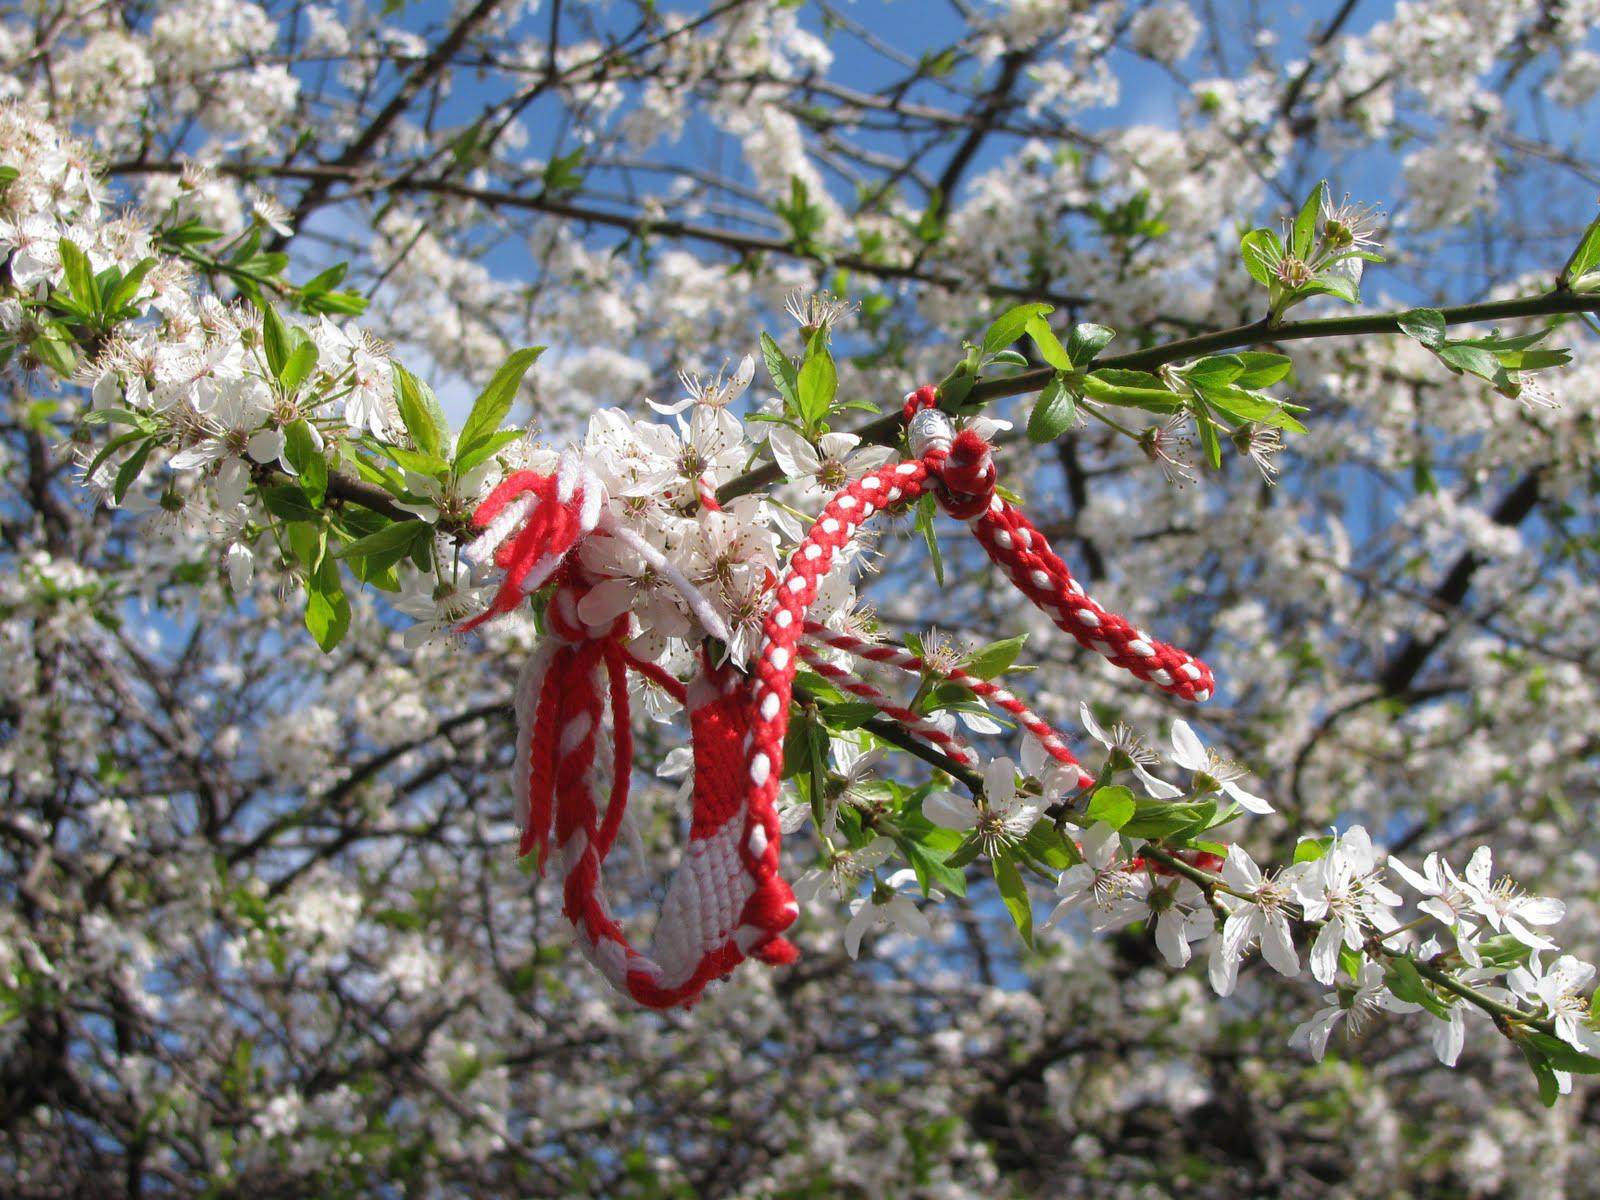 Tinctură cu flori de castan pentru frecarea picioarelor din varice